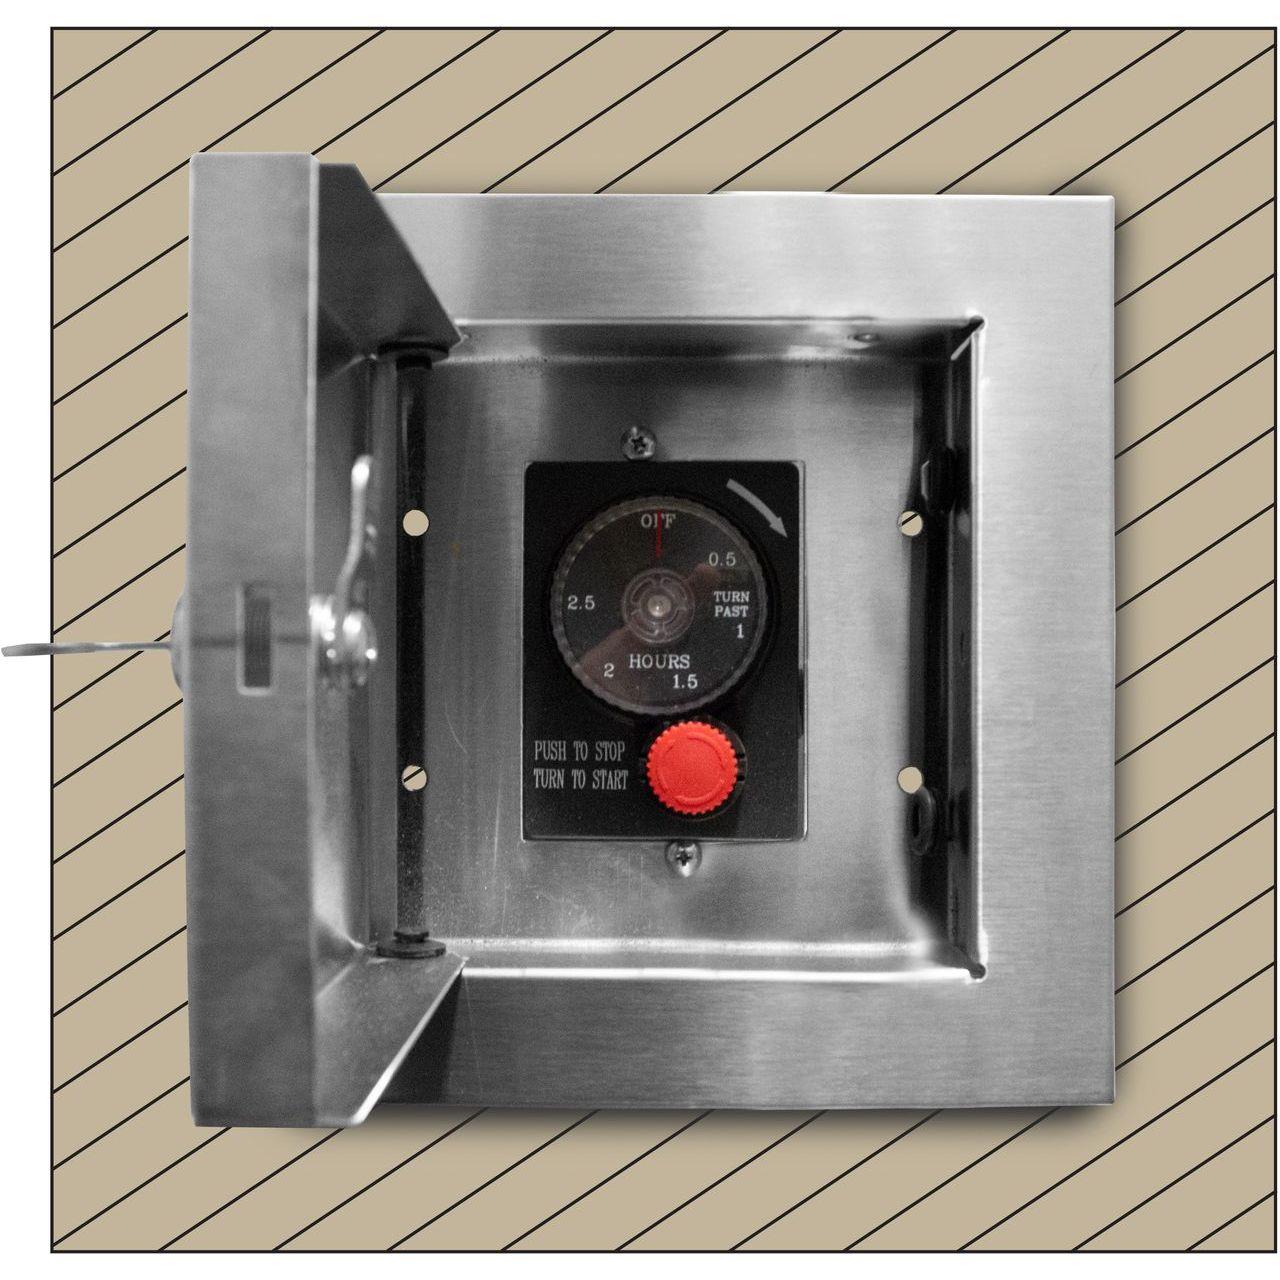 Firegear ESTOP-LC-KIT E-Stop Timer Locking Cabinet Kit